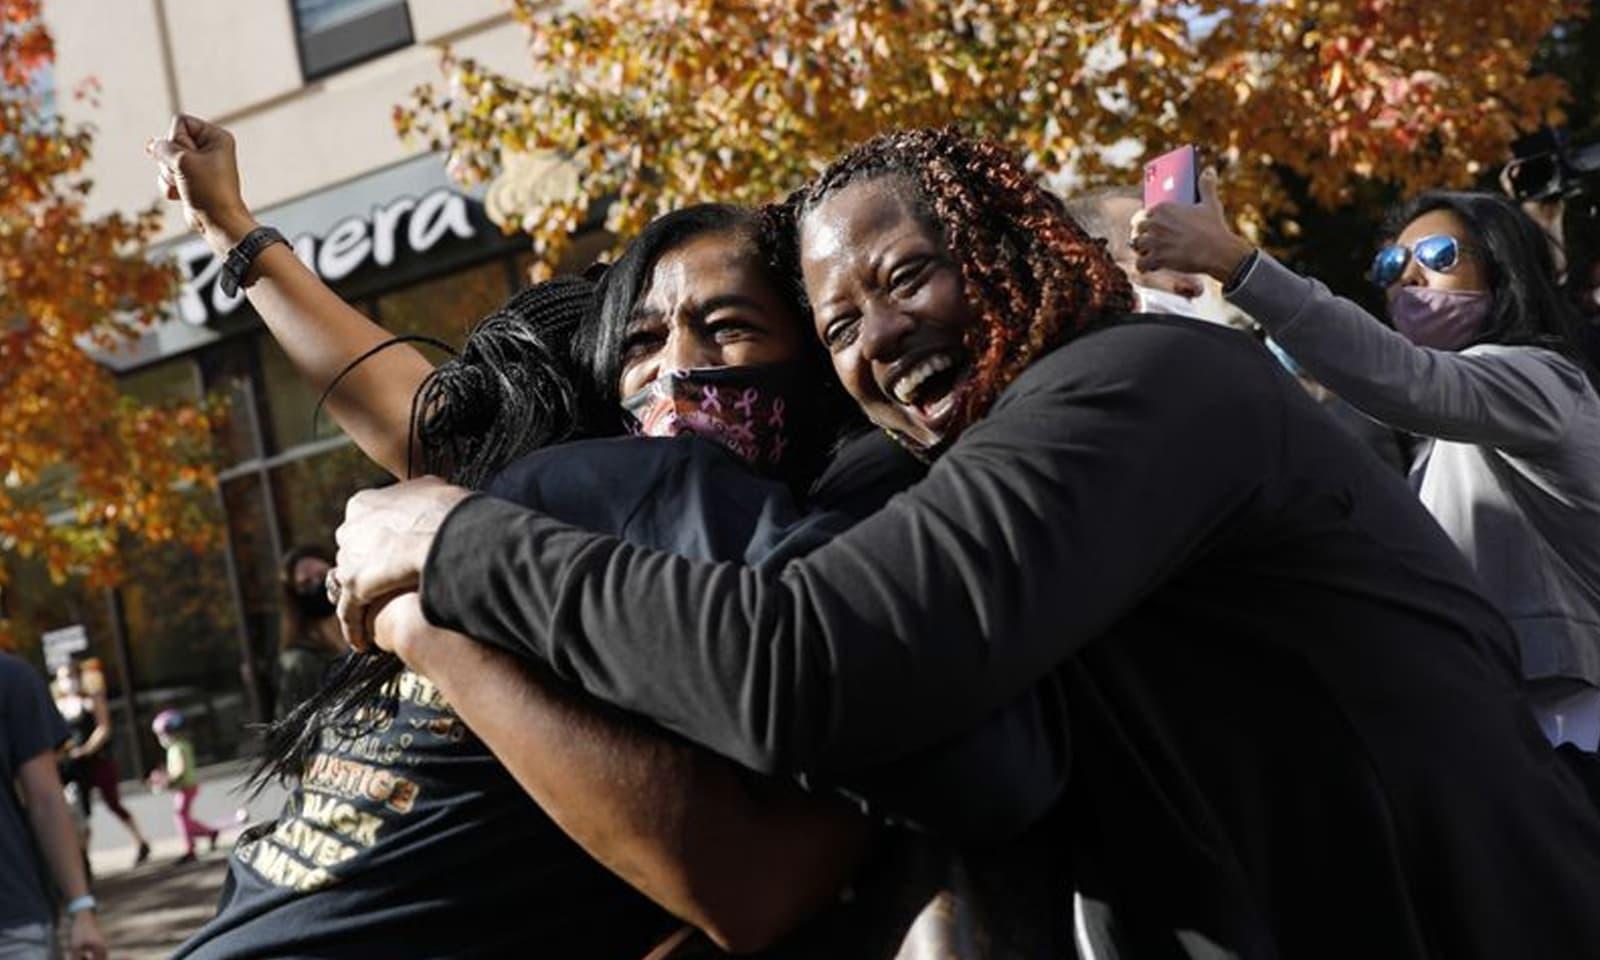 پنسلوانیا میں سیاہ فام خواتین ملک کے 46ویں صدر کے انتخاب پر خوشی کا اظہار کررہی ہیں — فوٹو:اے پی